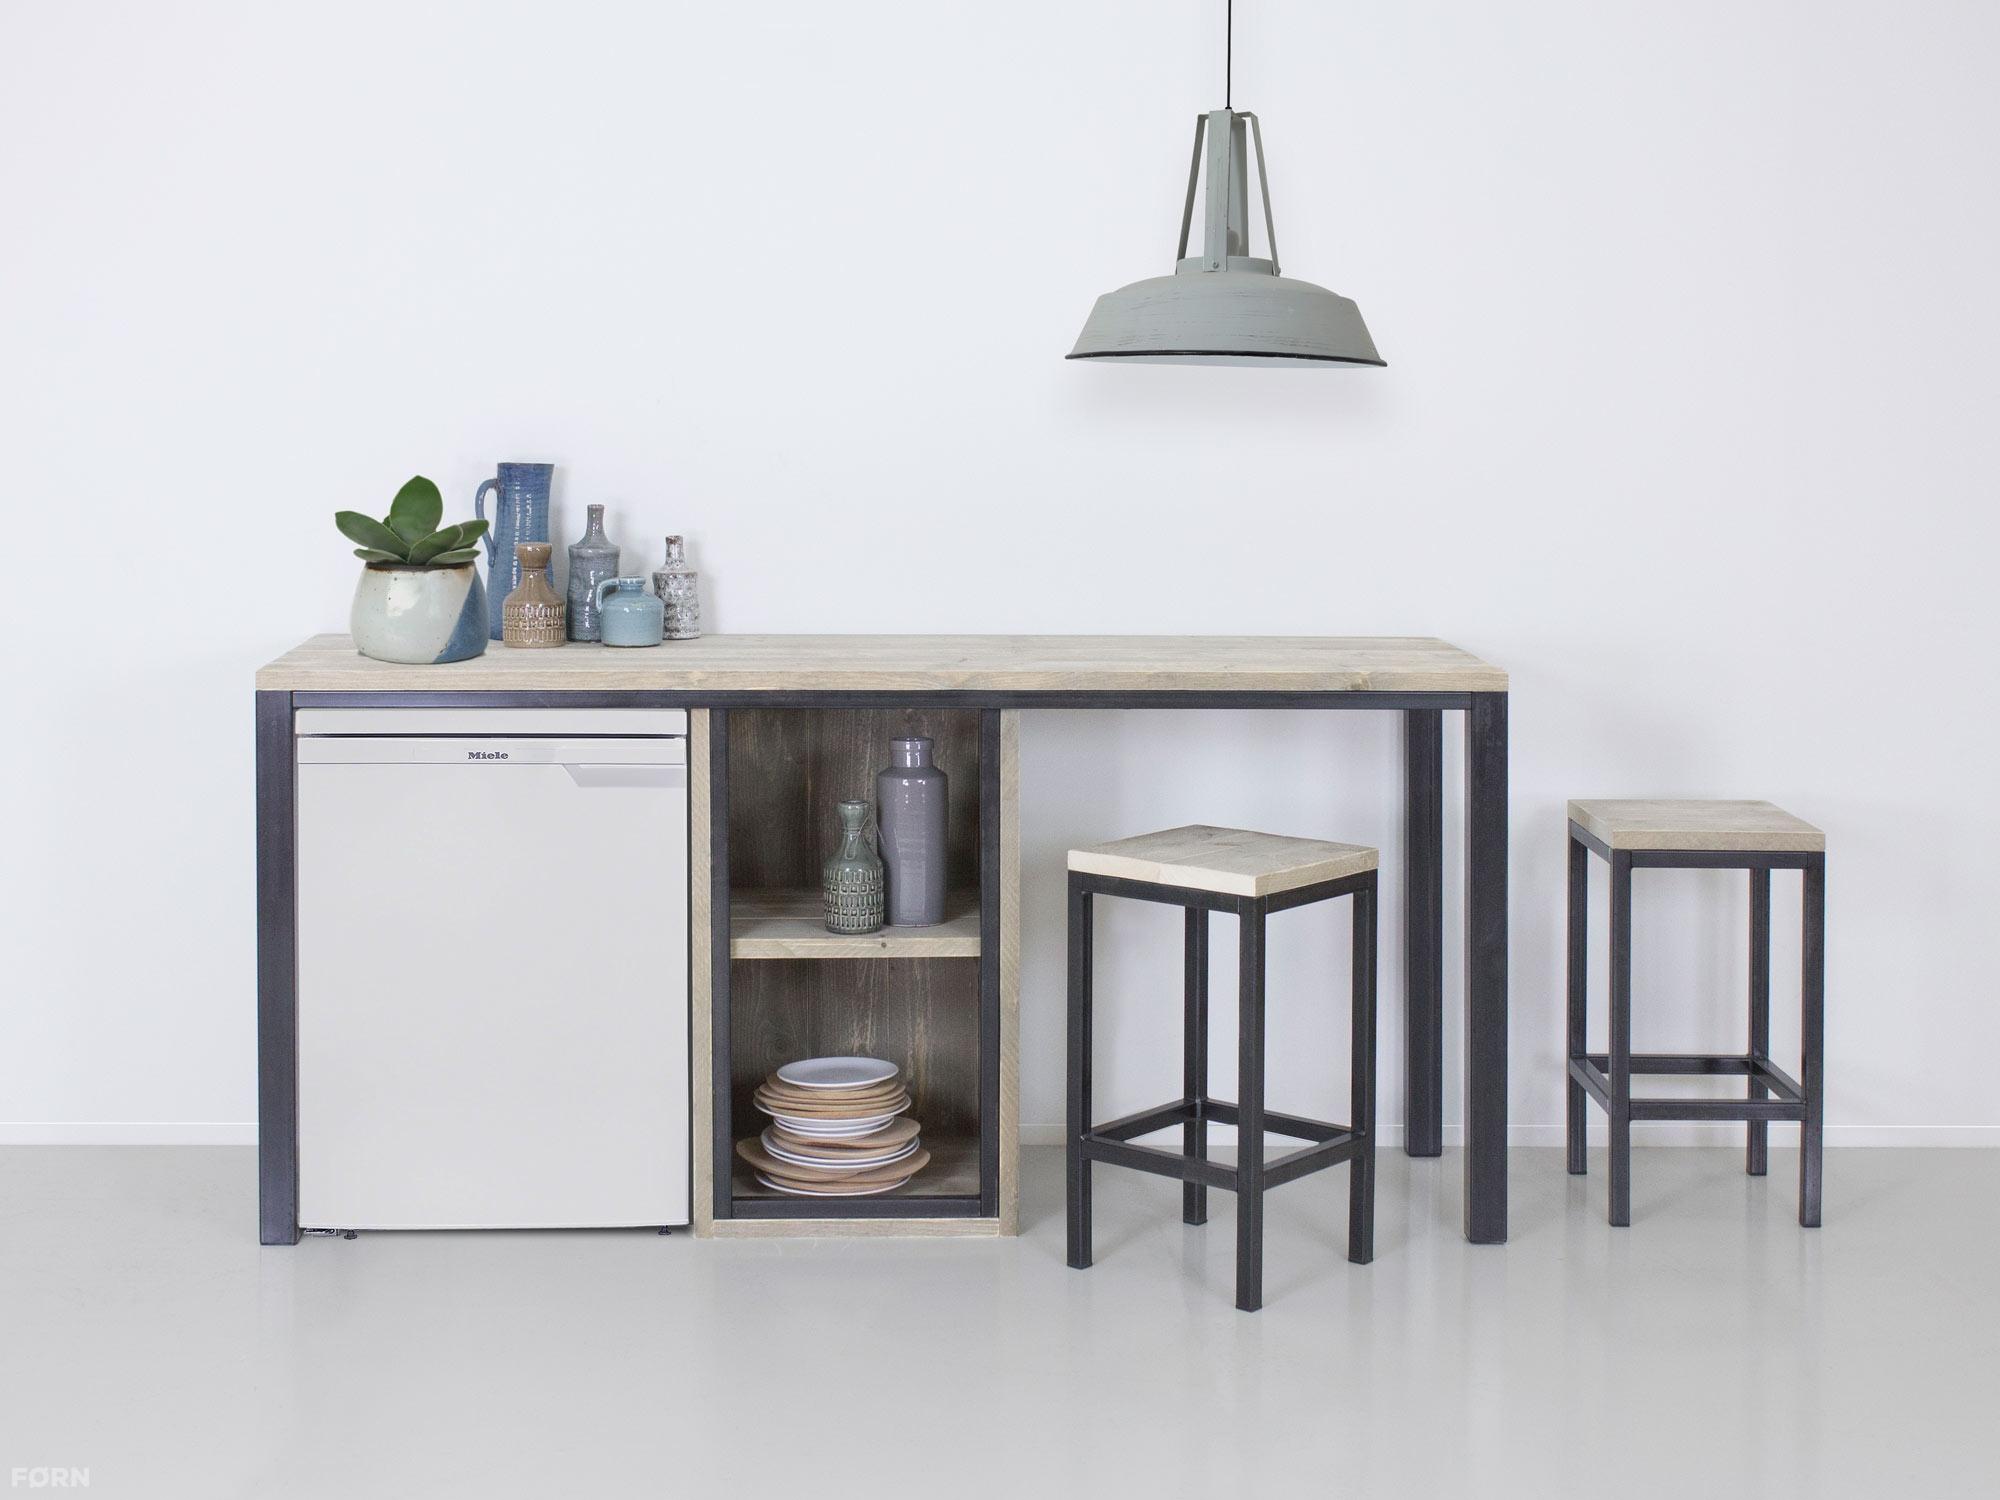 Wunderbar Küche Industriedesign Ideen Von Bartisch Jan Mit Schrank